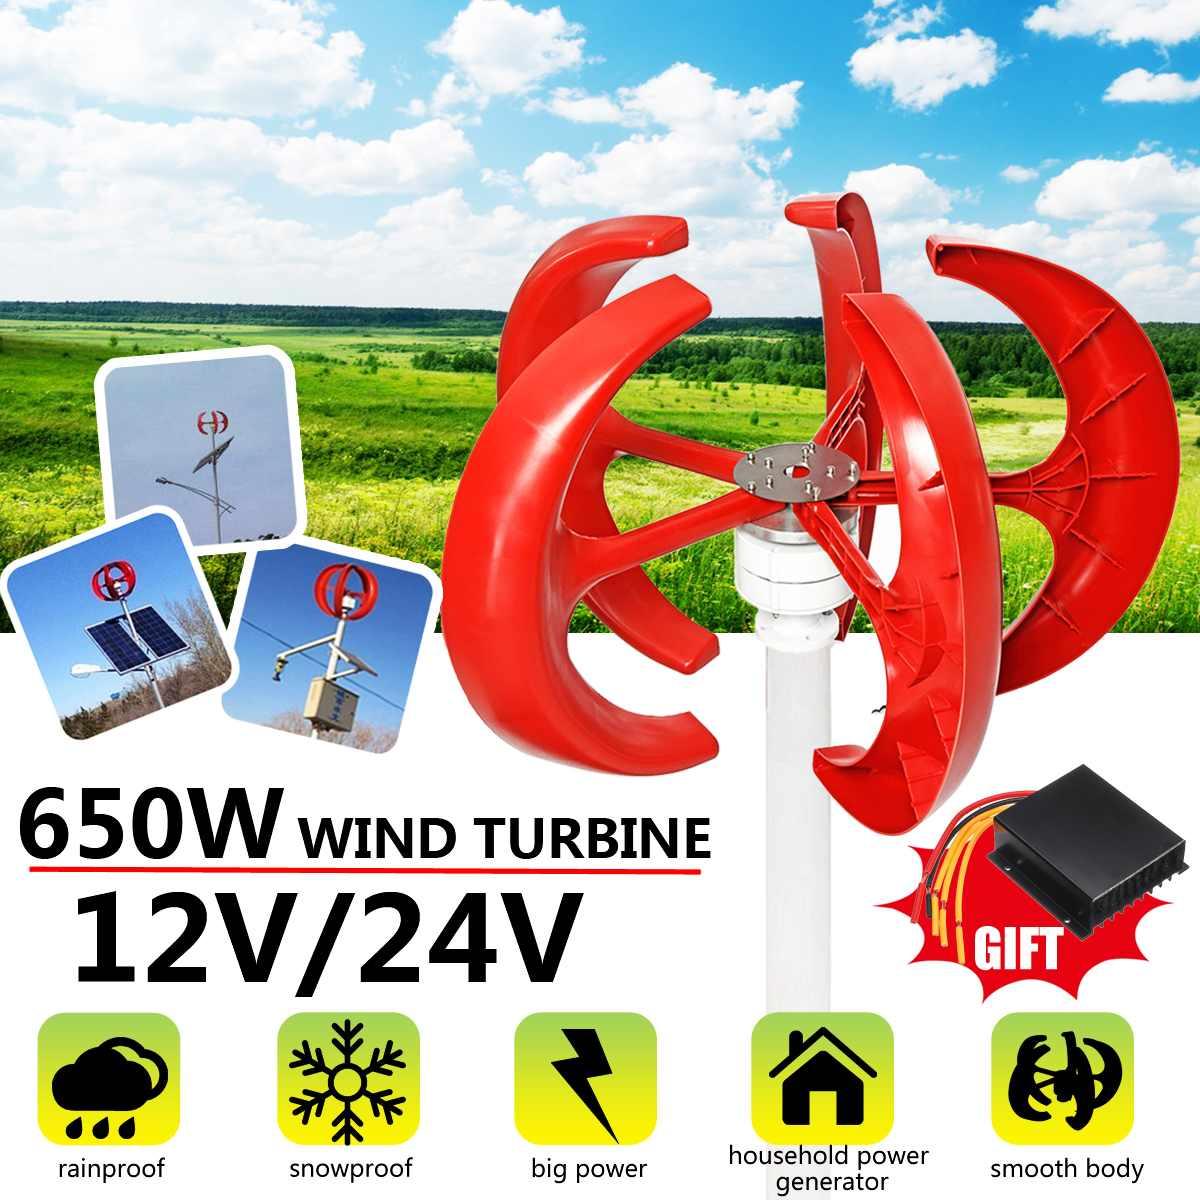 650 W AC Lâminas de Turbinas Eólicas Gerador Lanterna 5 12 V 24 V Kit Eixo Vertical Do Motor Eletromagnético Para Casa uso de Rua híbrido